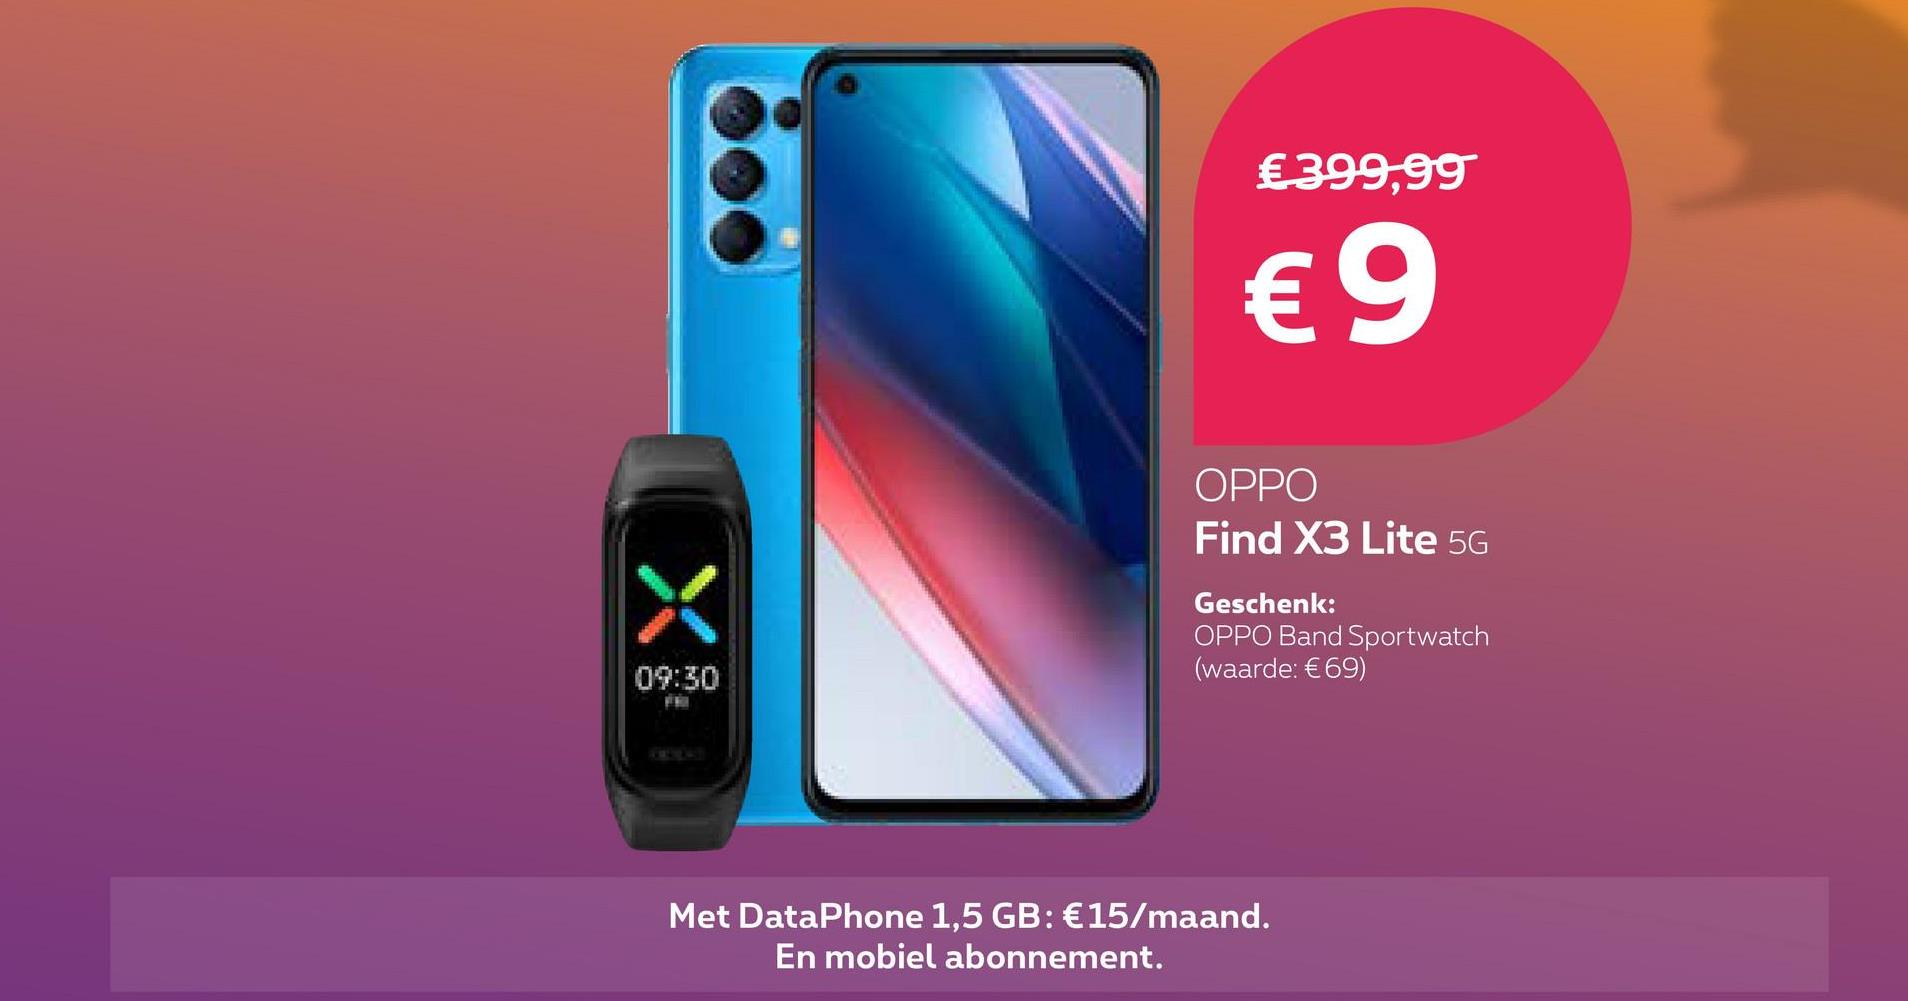 €399,99 € 9 OPPO Find X3 Lite 5G X Geschenk: OPPO Band Sportwatch (waarde: €69) 09:30 Met DataPhone 1,5 GB: € 15/maand. En mobiel abonnement.